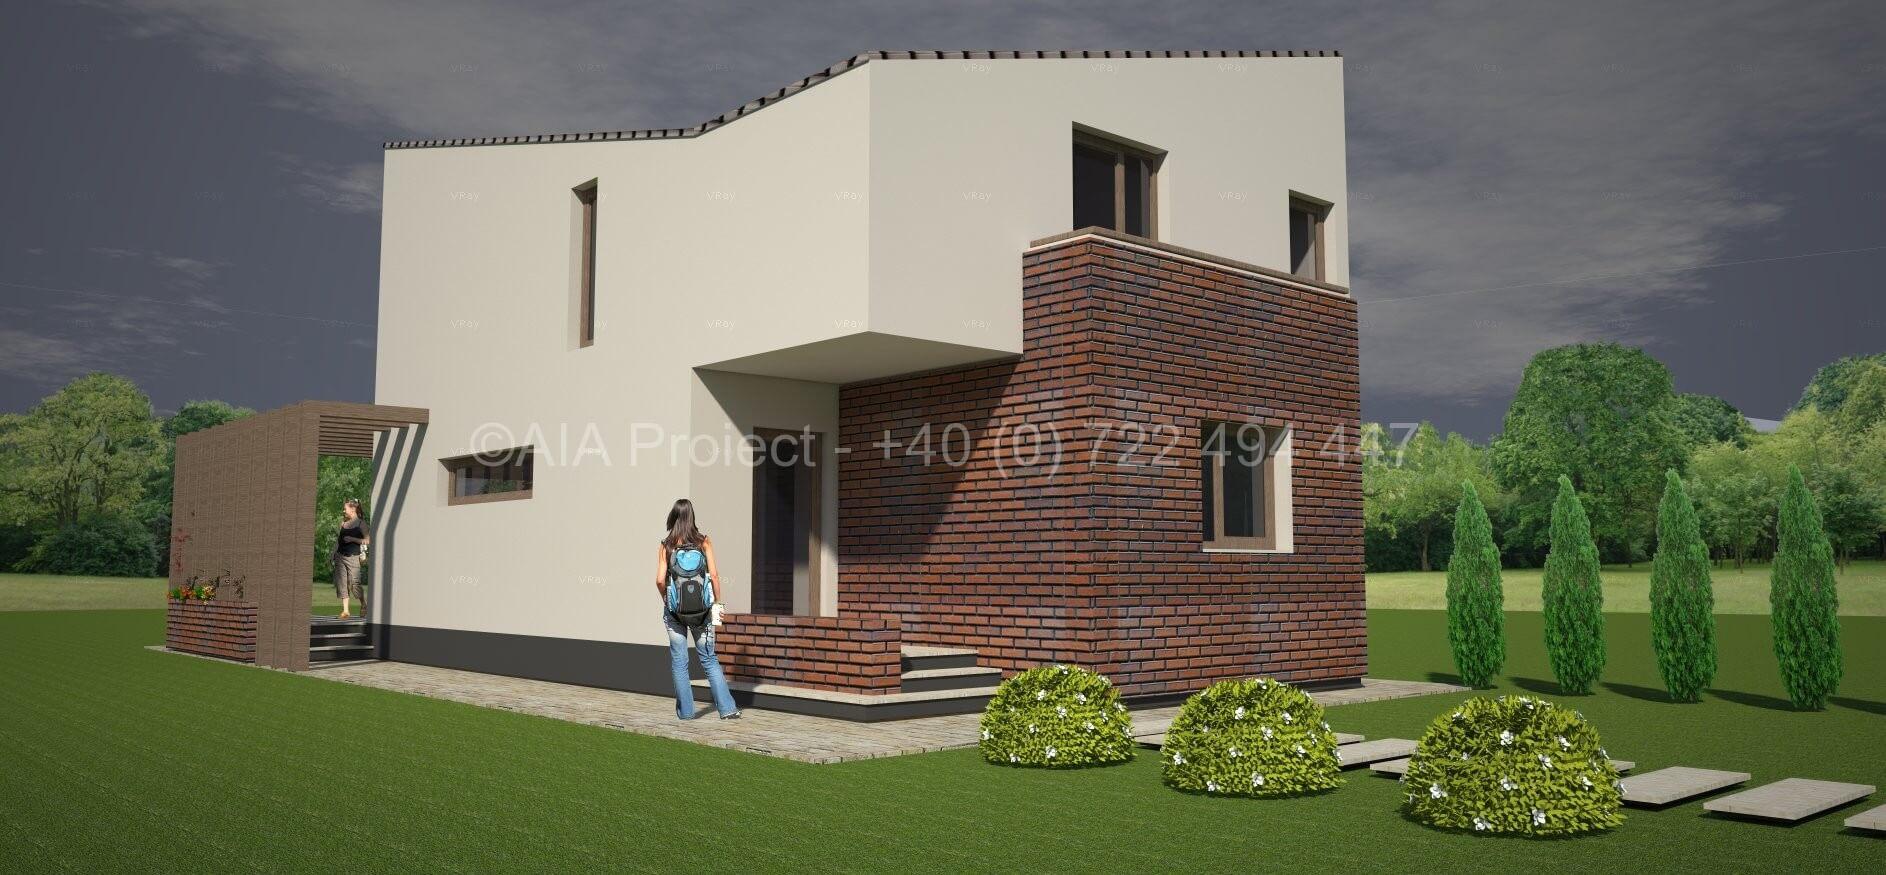 Proiect casa cu mansarda Bujorul Alb proiect casa cu mansarda Proiect casa cu mansarda P+M Bujorul Alb AIA Proiect Bujorul Alb 0722494447 2